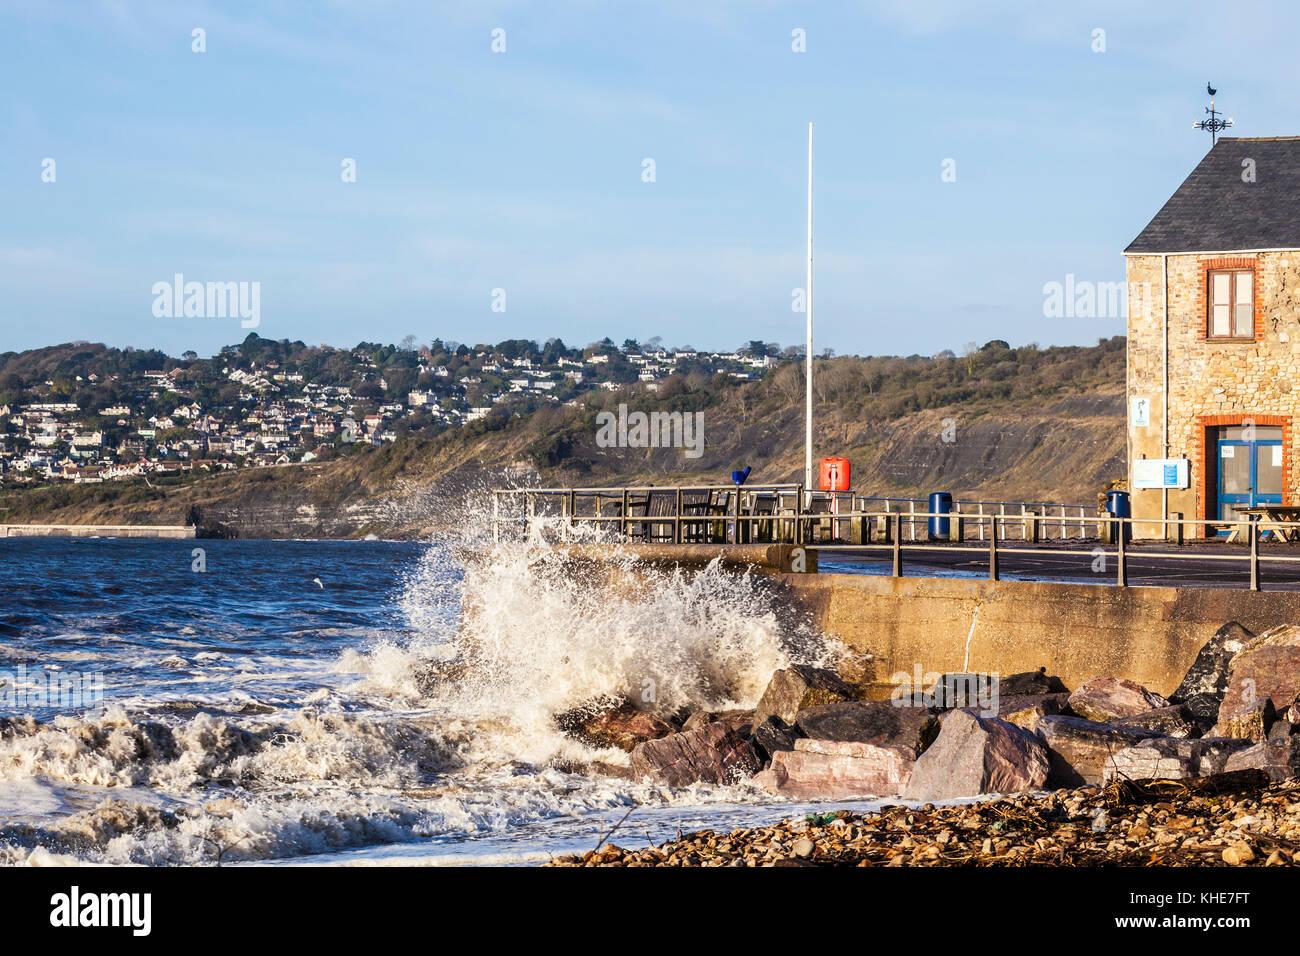 Les vagues se briser contre le quai à Charmouth dans le Dorset. Photo Stock